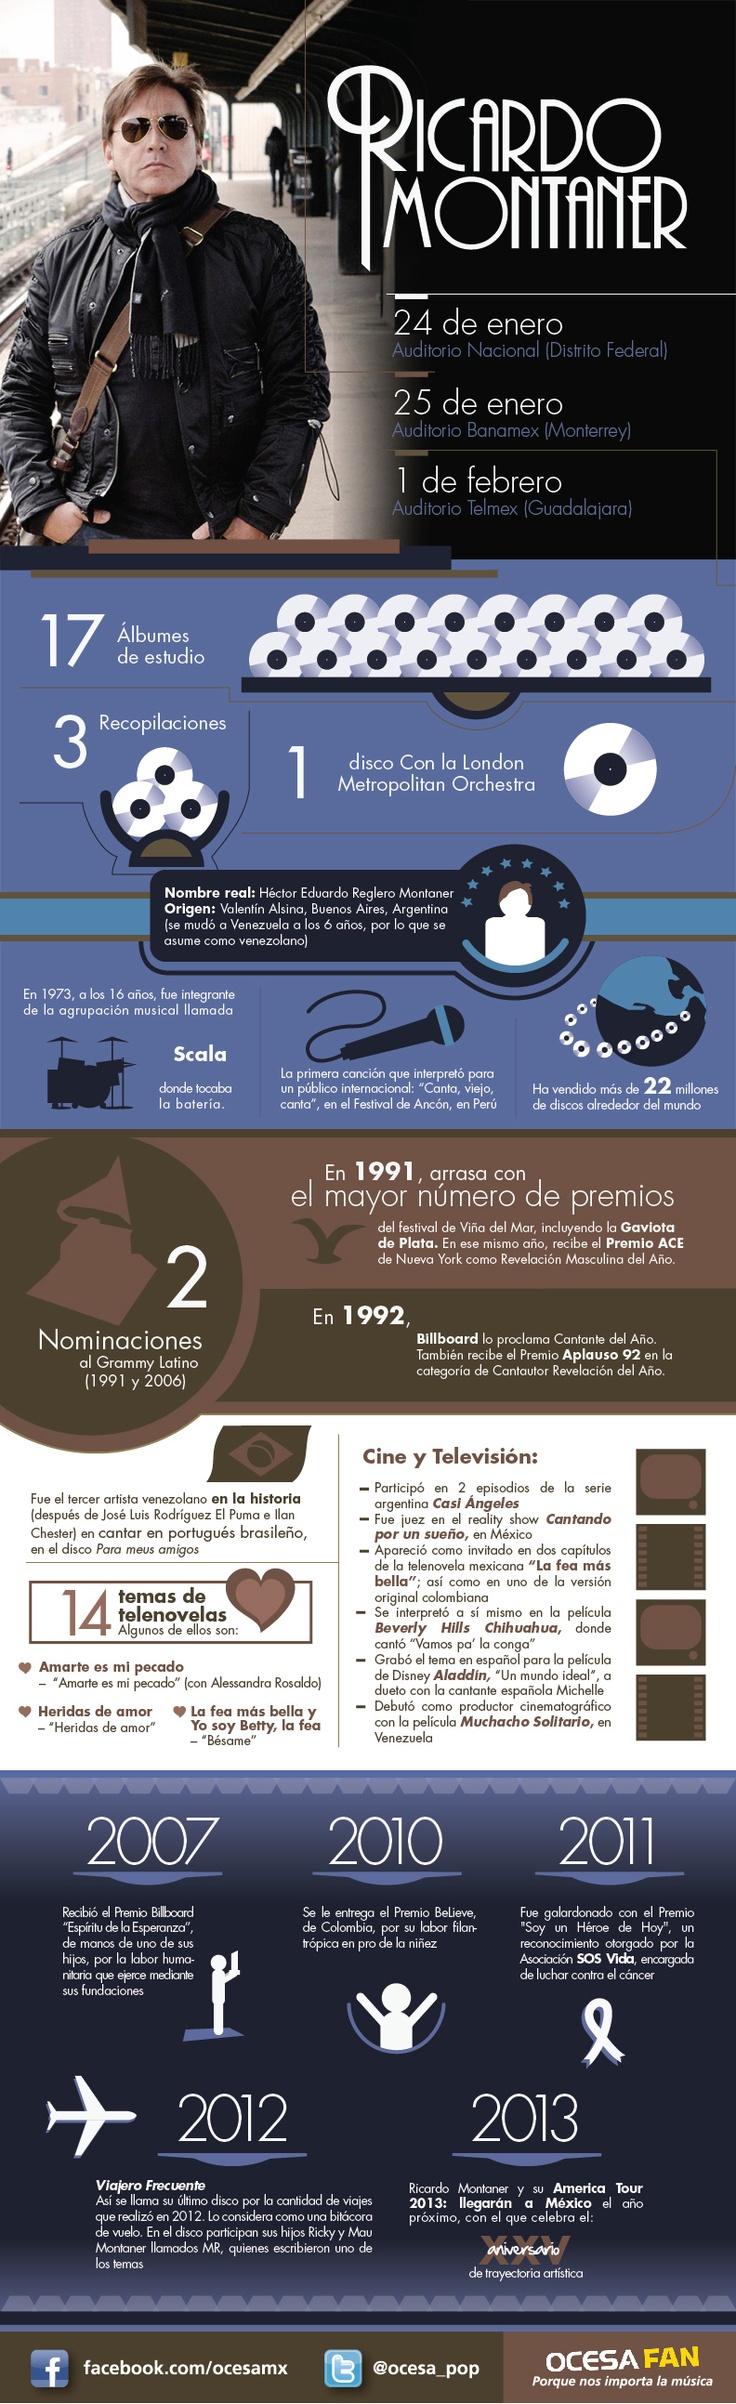 Gran infografía de Ocesa sobre Ricardo Montaner :)